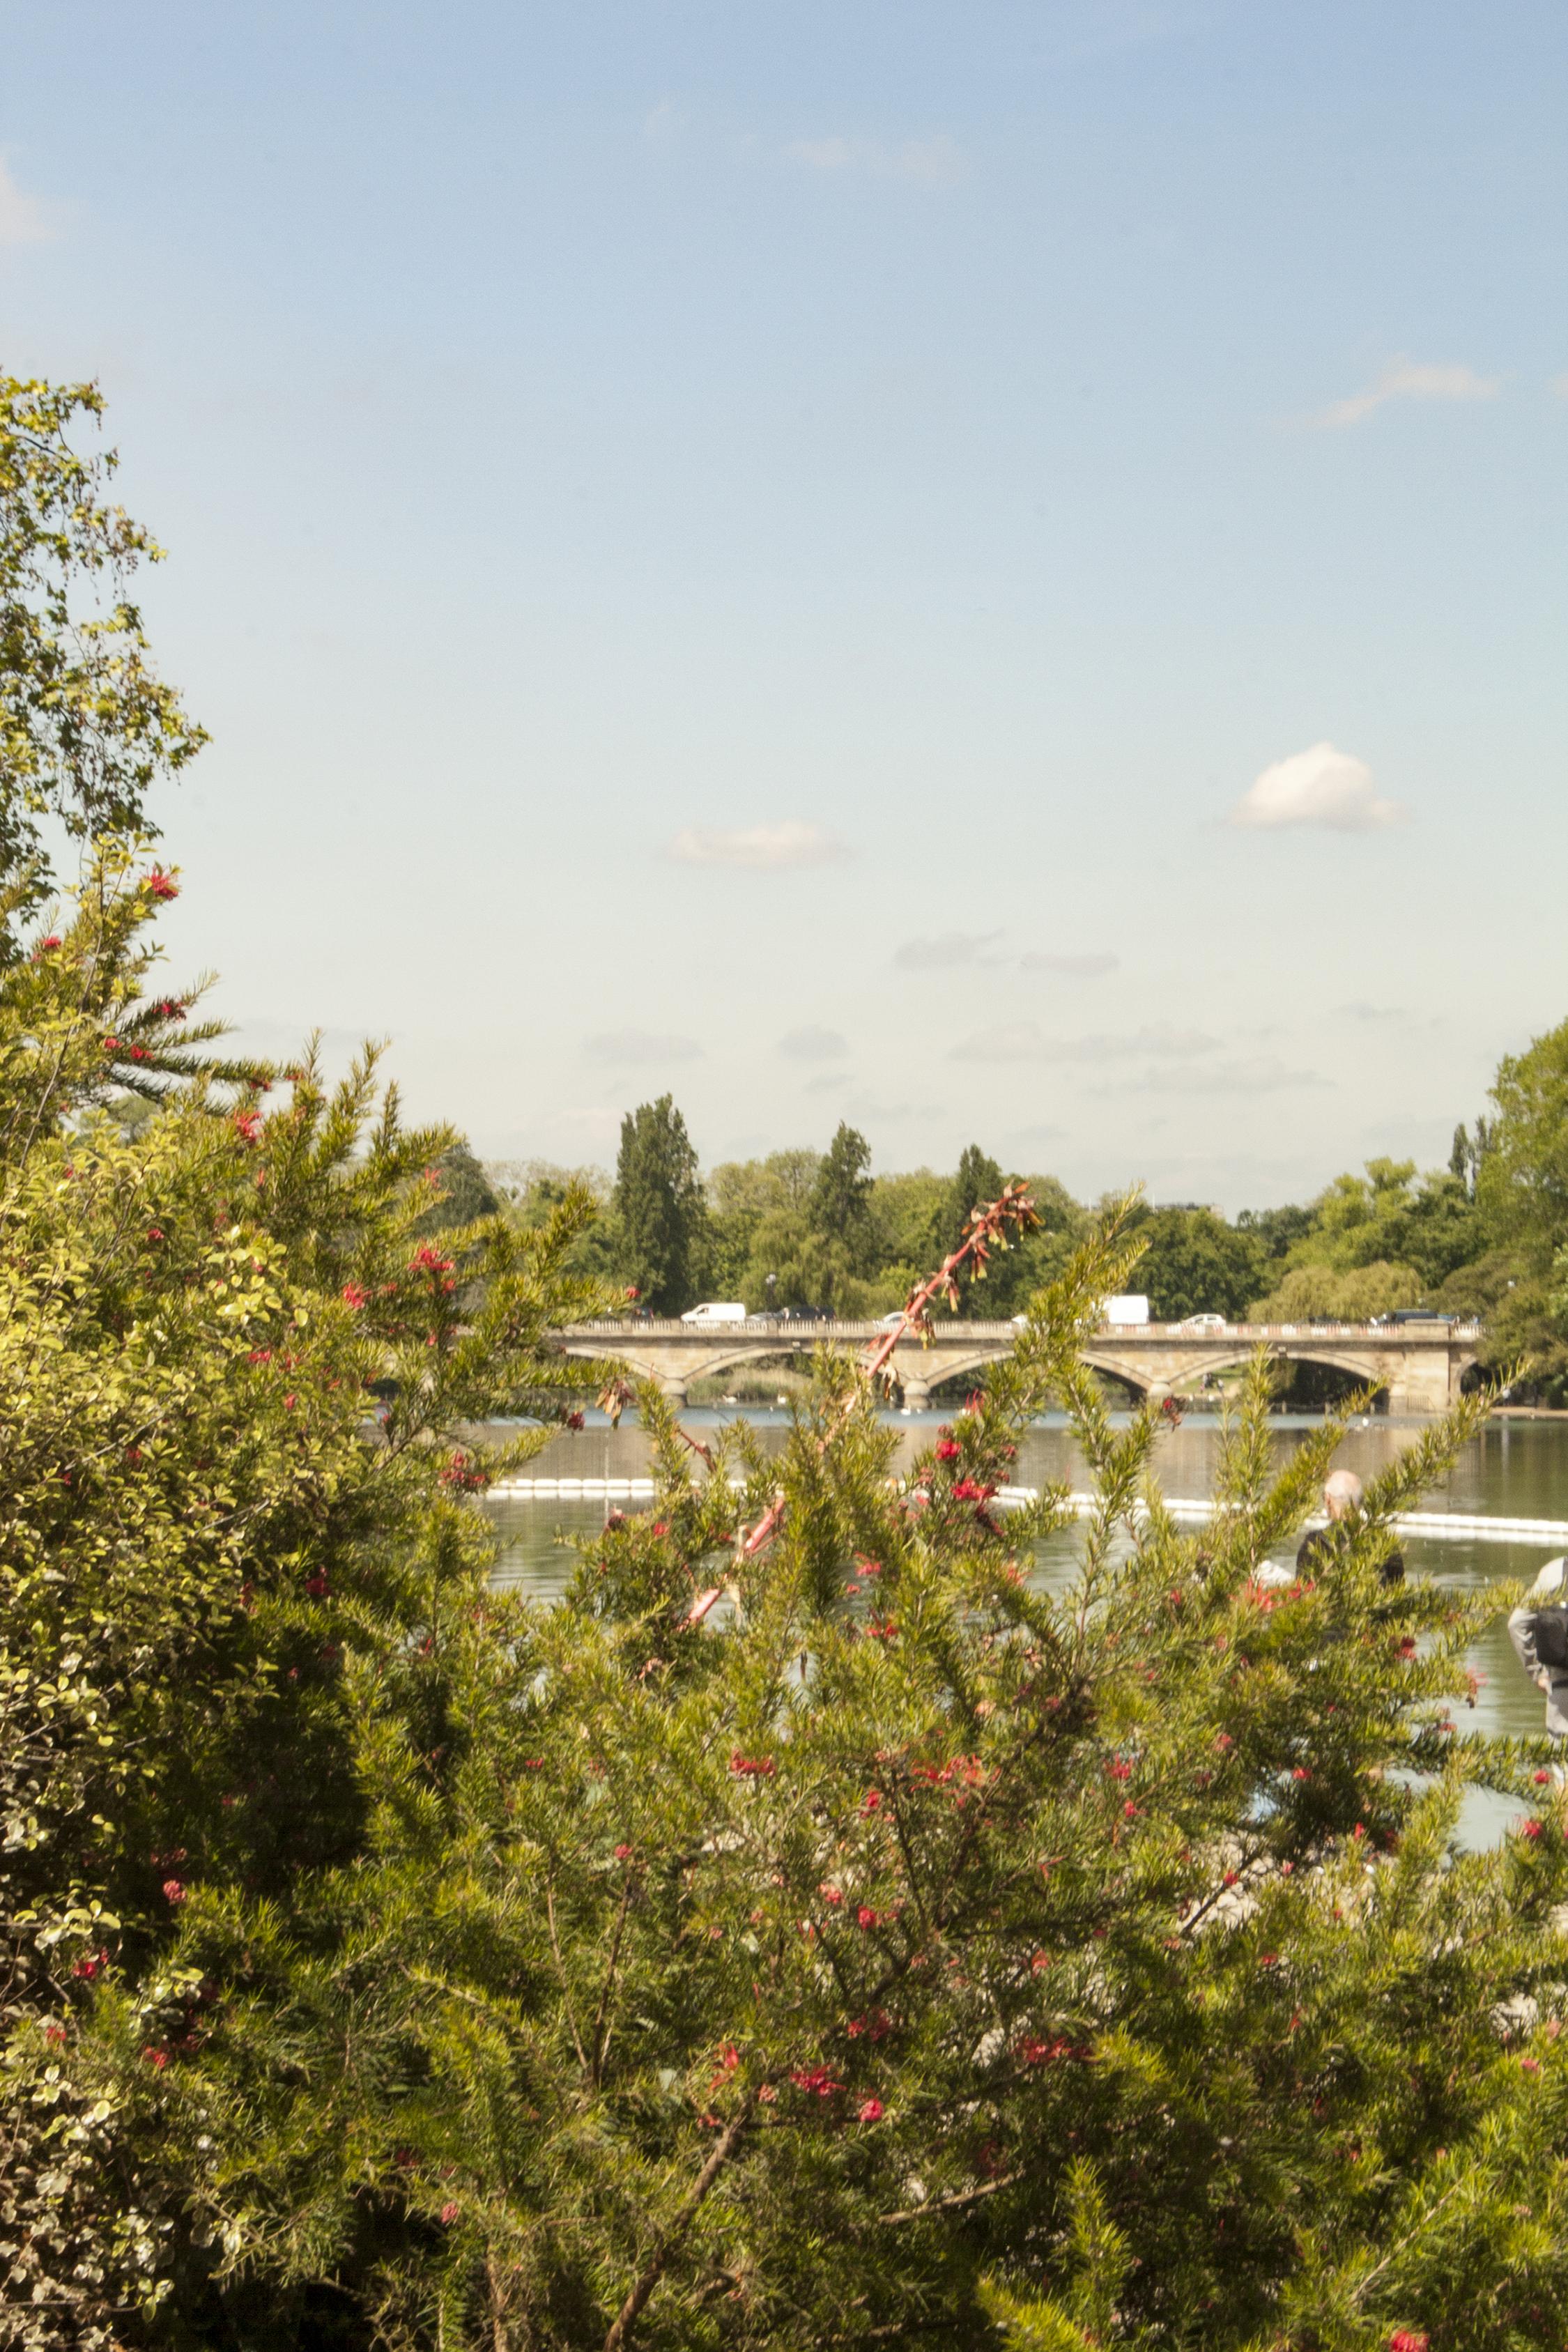 Vista del lago Londres, UK